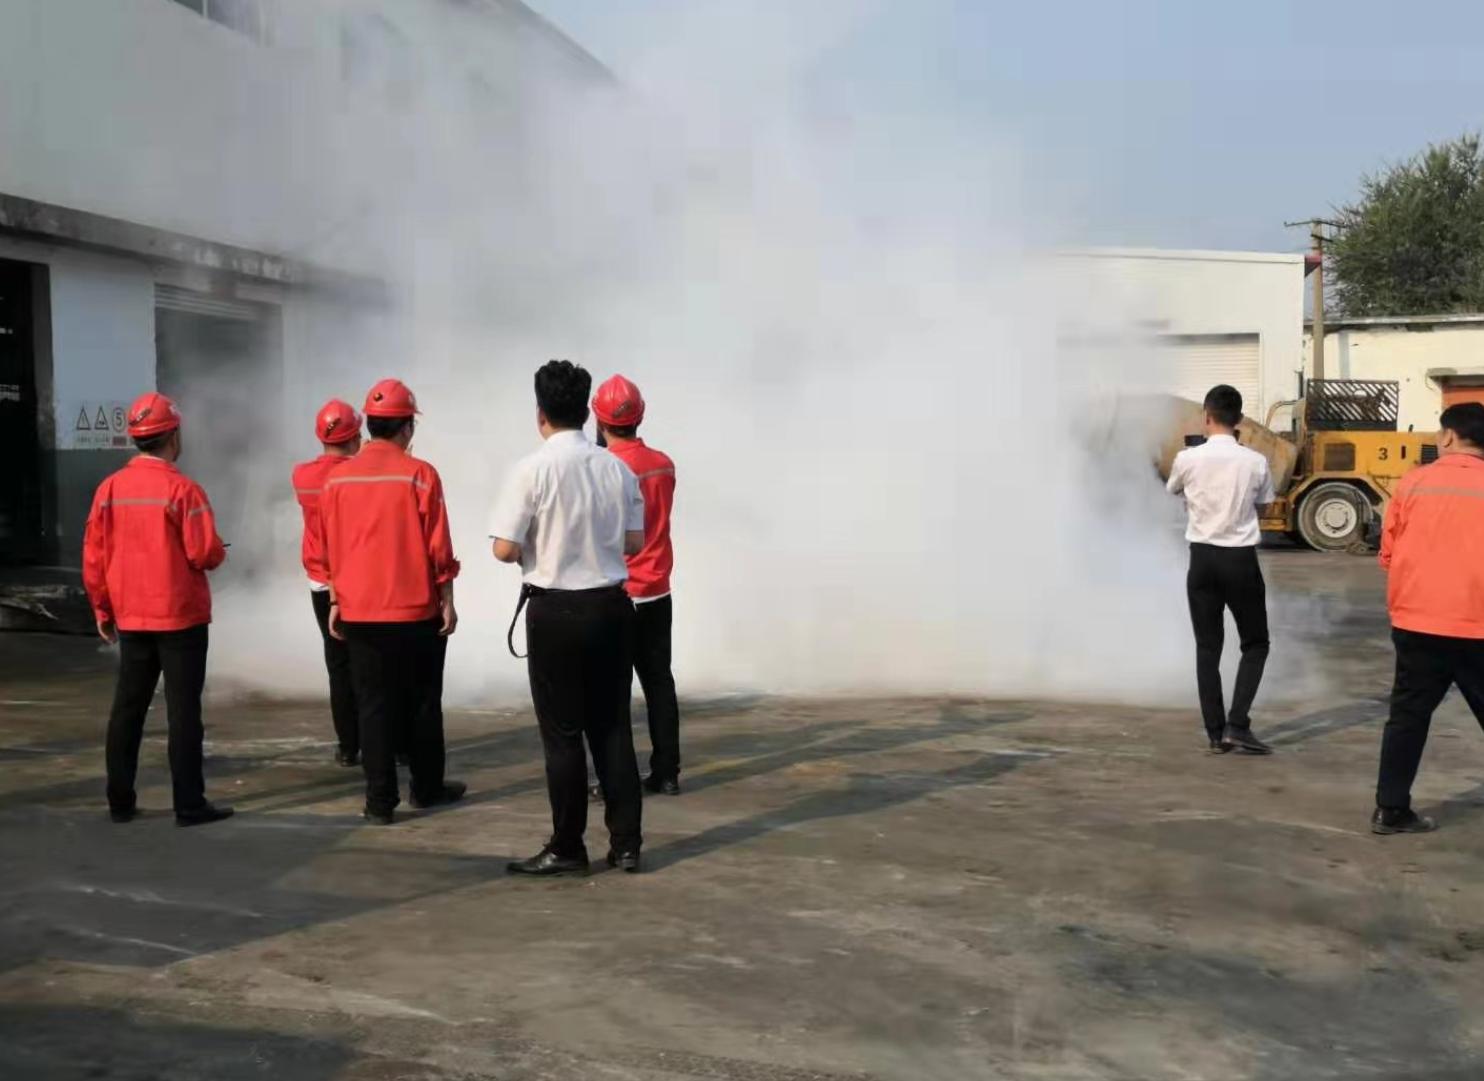 矿用工程车辆自动灭火设备